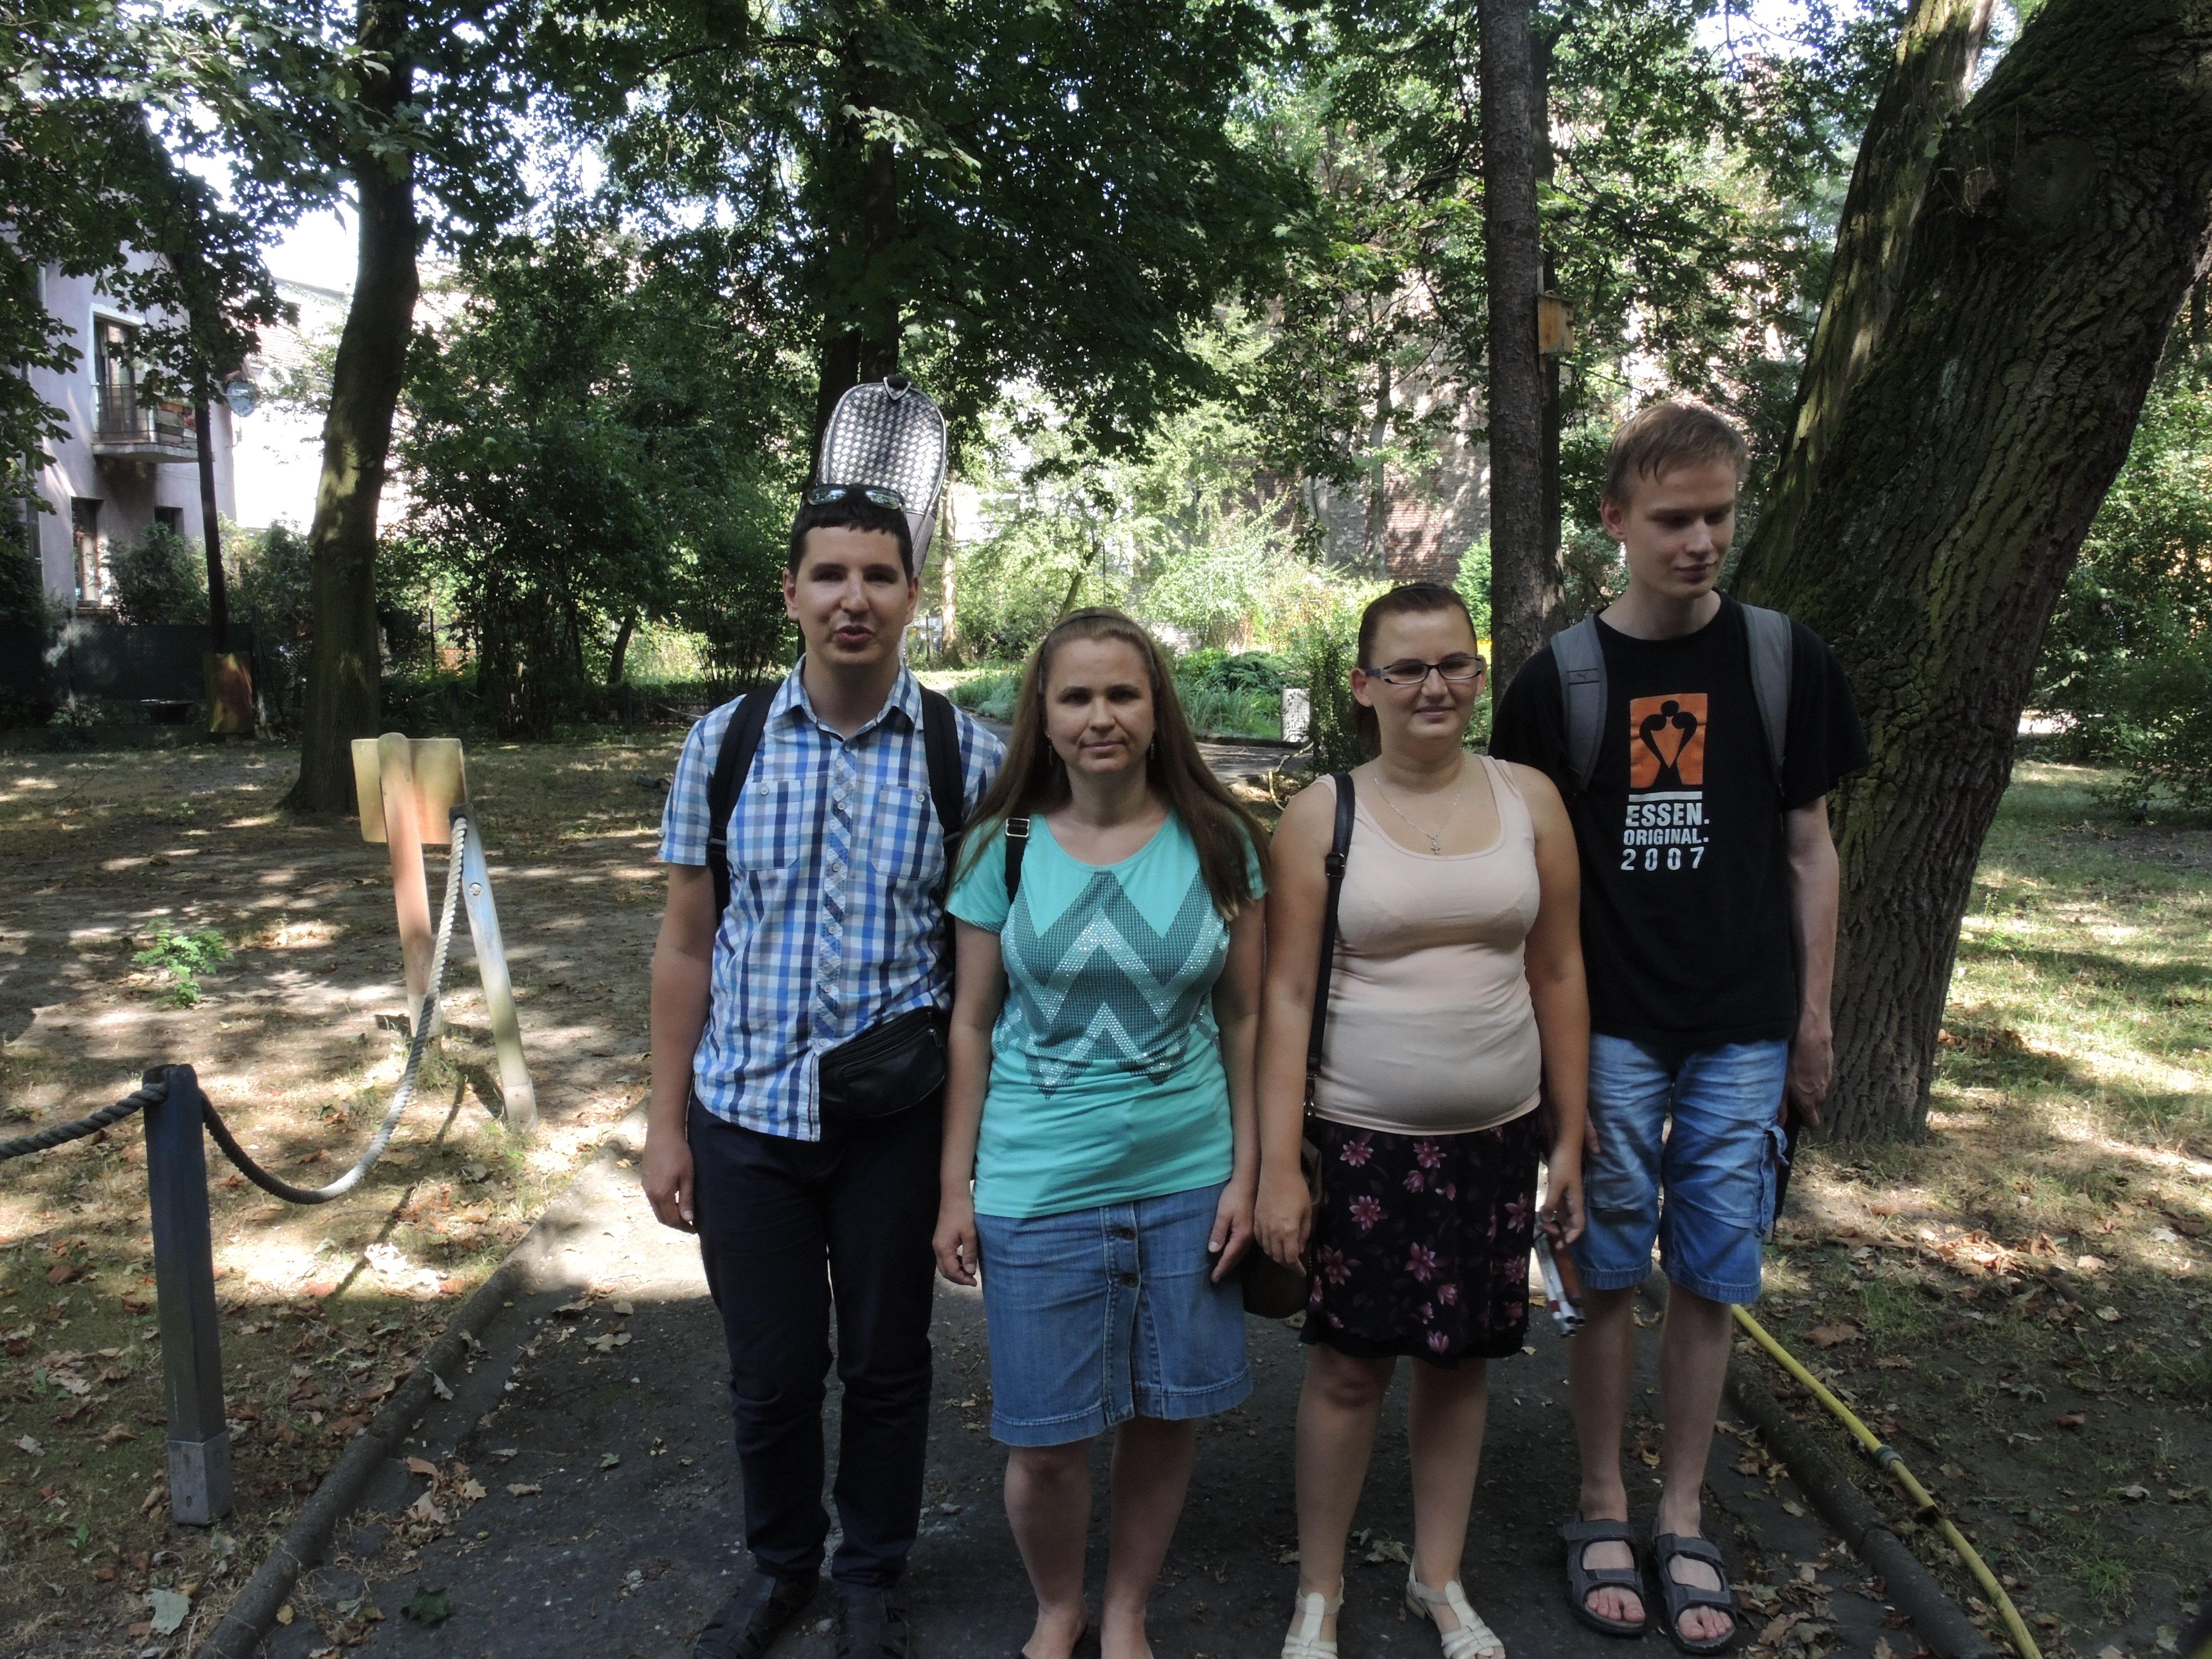 Cztery osoby stoją na chodniku. W tle widać drzewa.